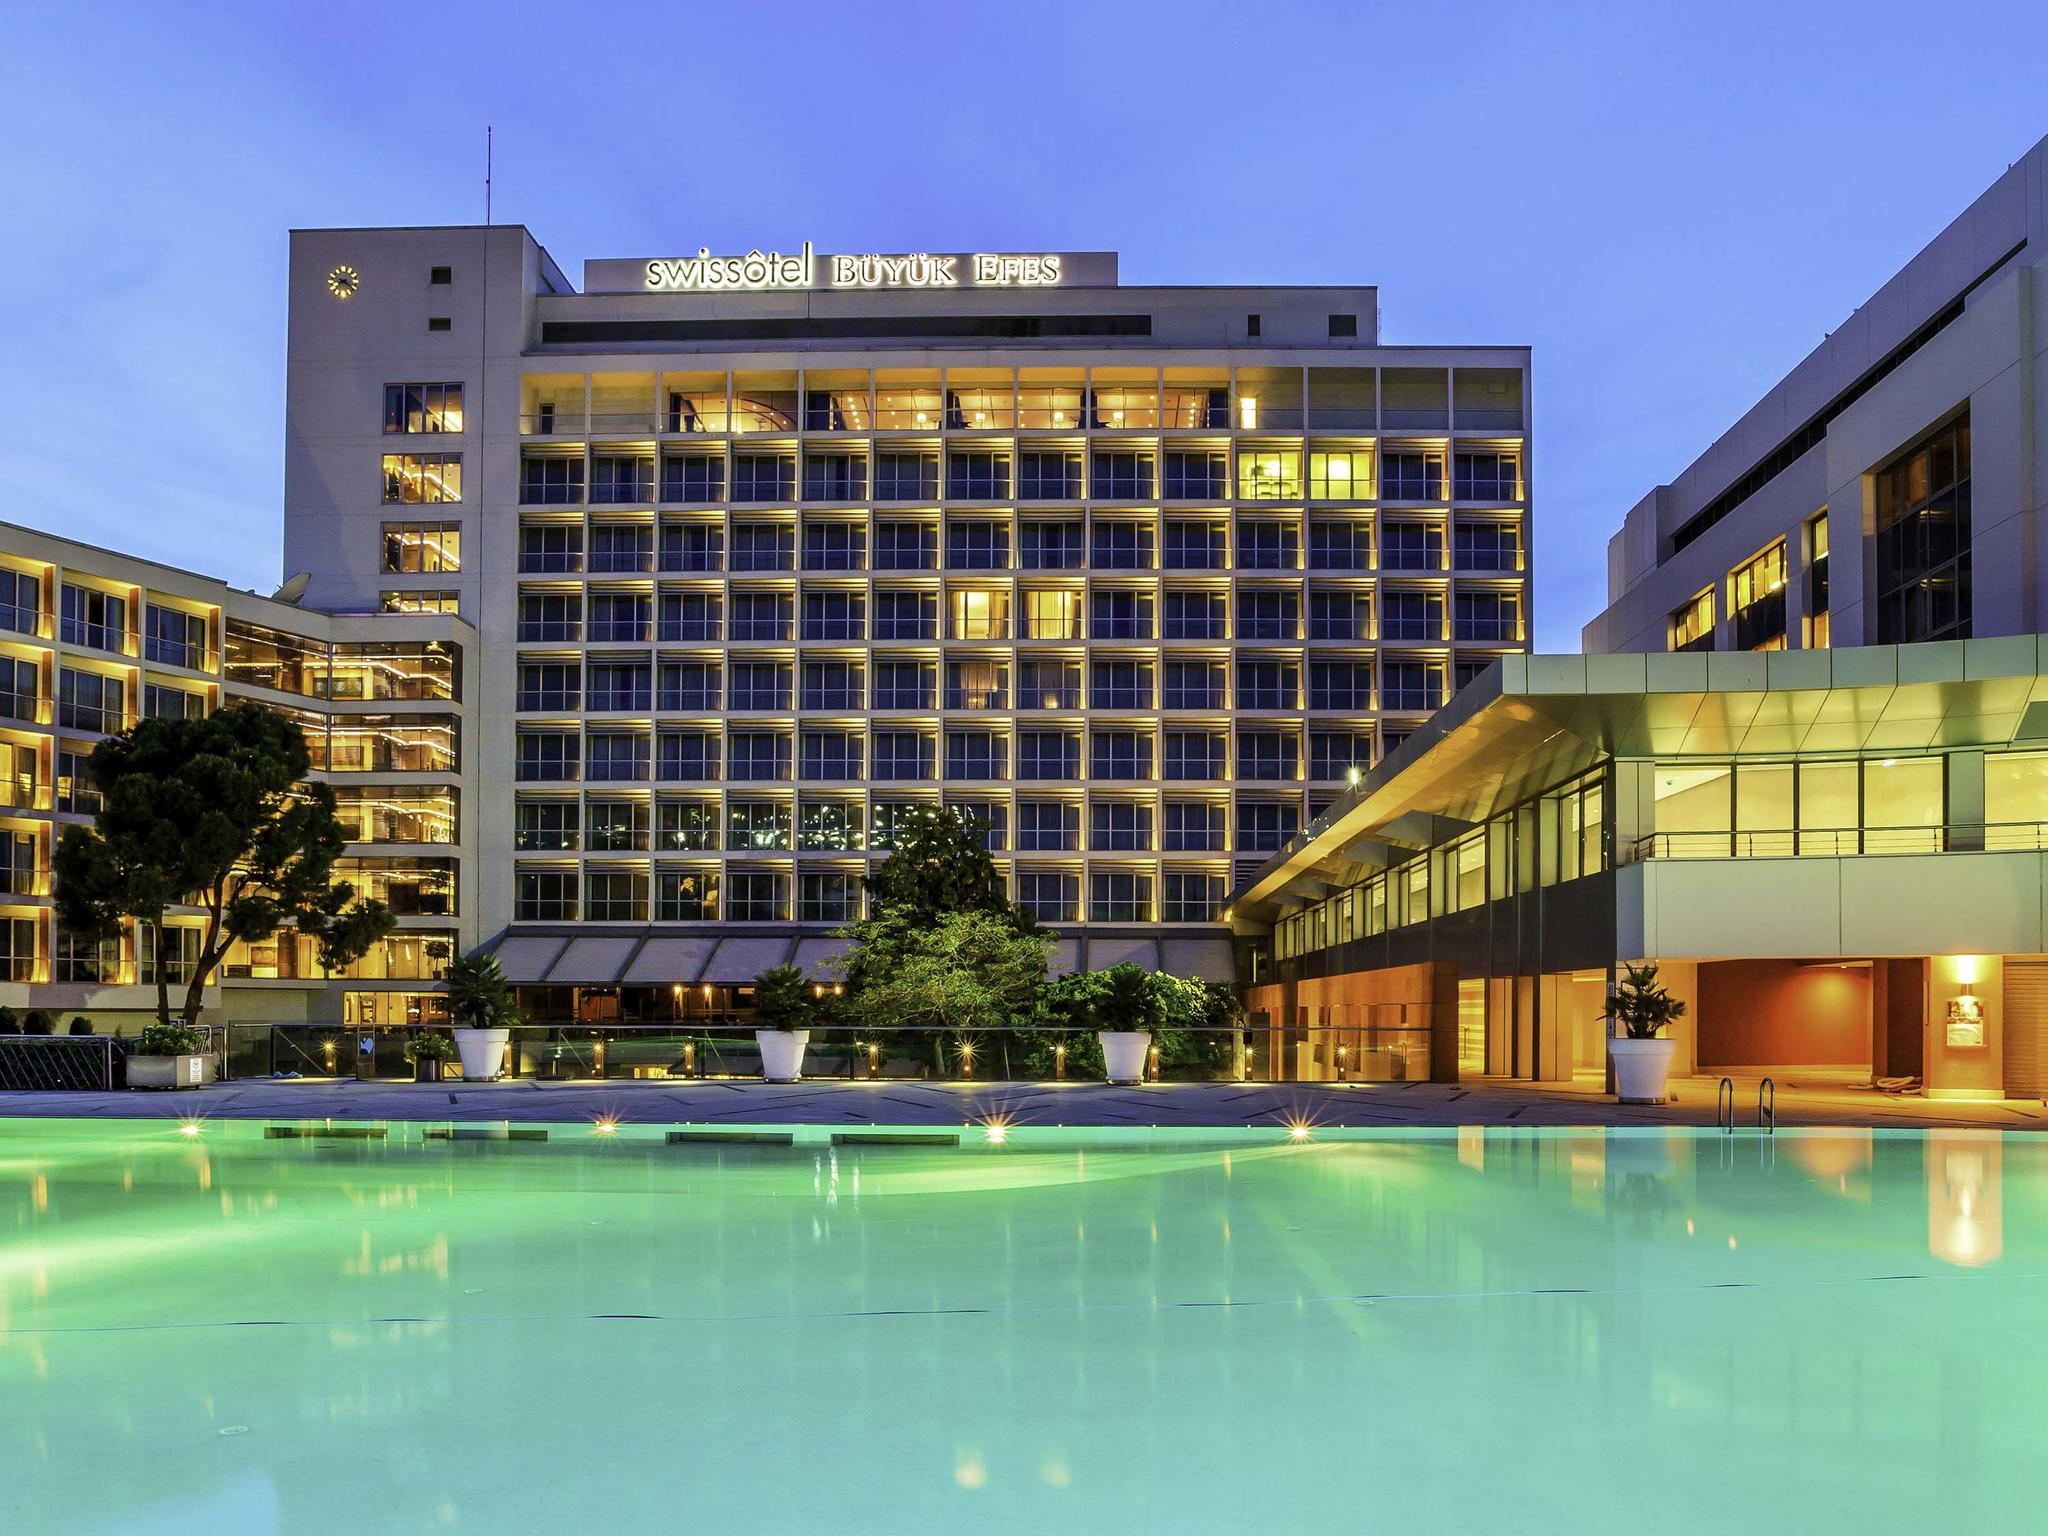 酒店 – 比于克艾菲斯瑞士酒店